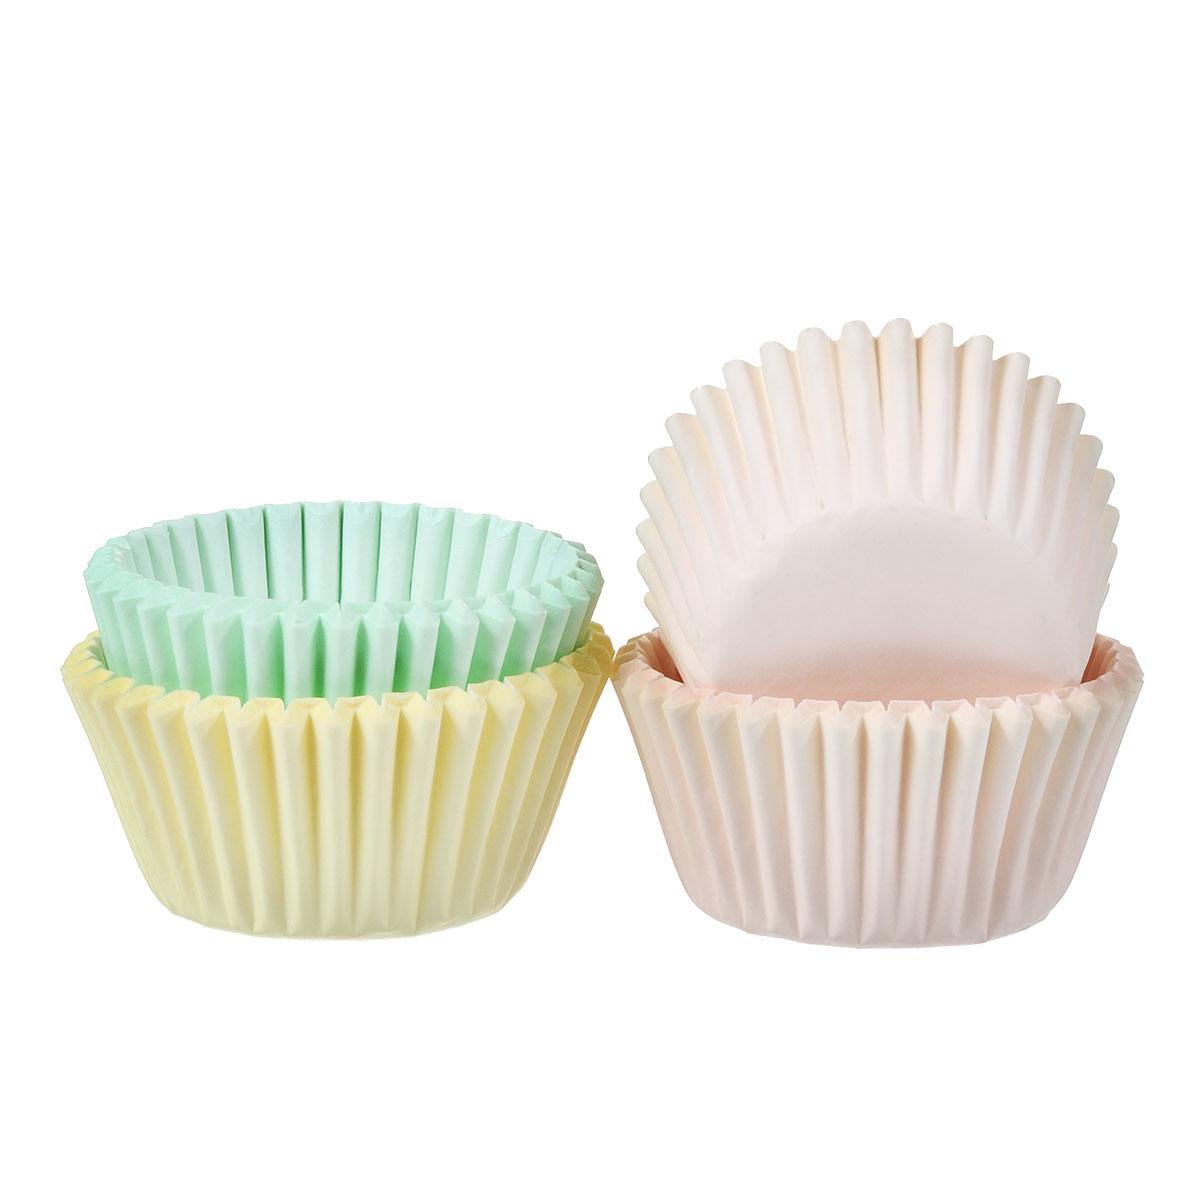 Набор бумажных мини-форм для кексов Wilton Пастель, диаметр 3,2 см, 100 штWLT-415-2123Бумажные формы Wilton Пастель используются для выпечки, украшения и упаковки кондитерских изделий, сервировки конфет, орешков, десертов. Края форм гофрированные. С такими формами вы всегда сможете порадовать своих близких оригинальной выпечкой.